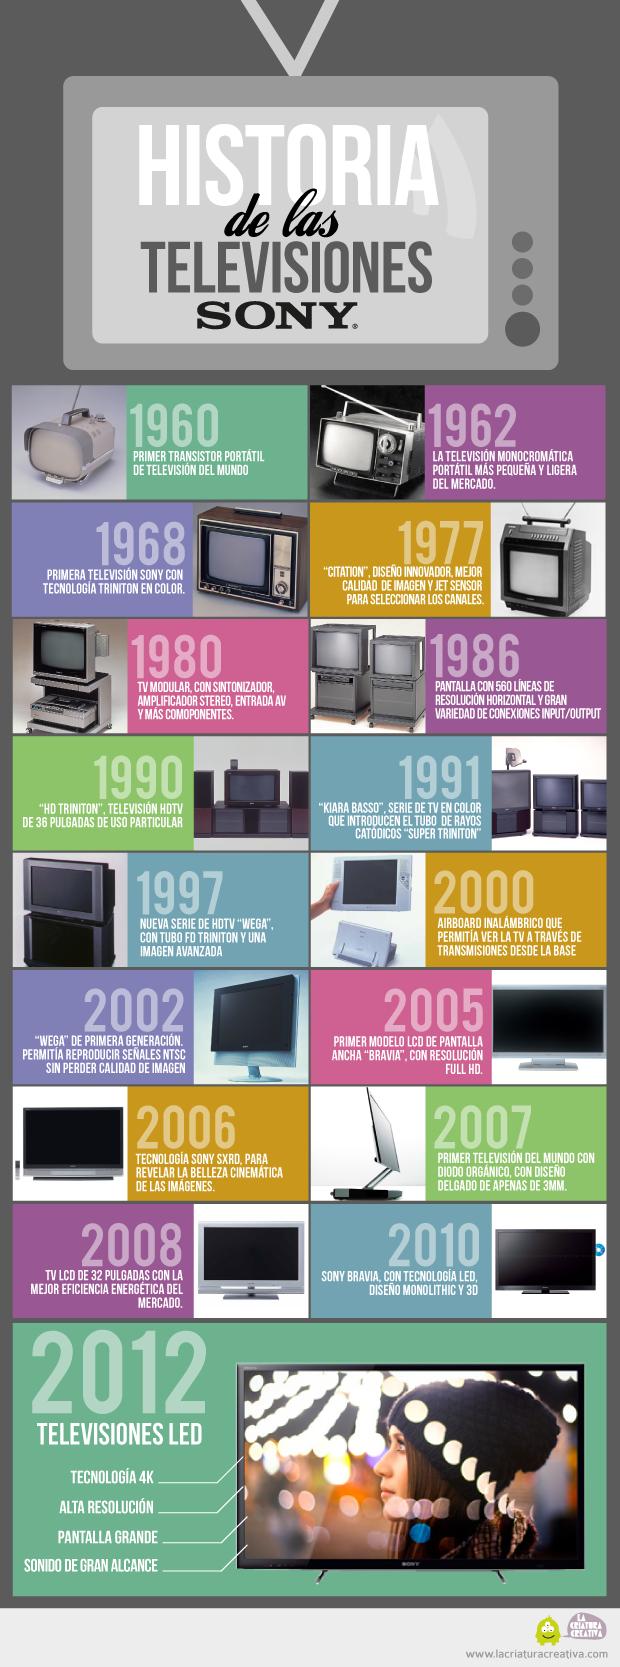 Historia de la televsión